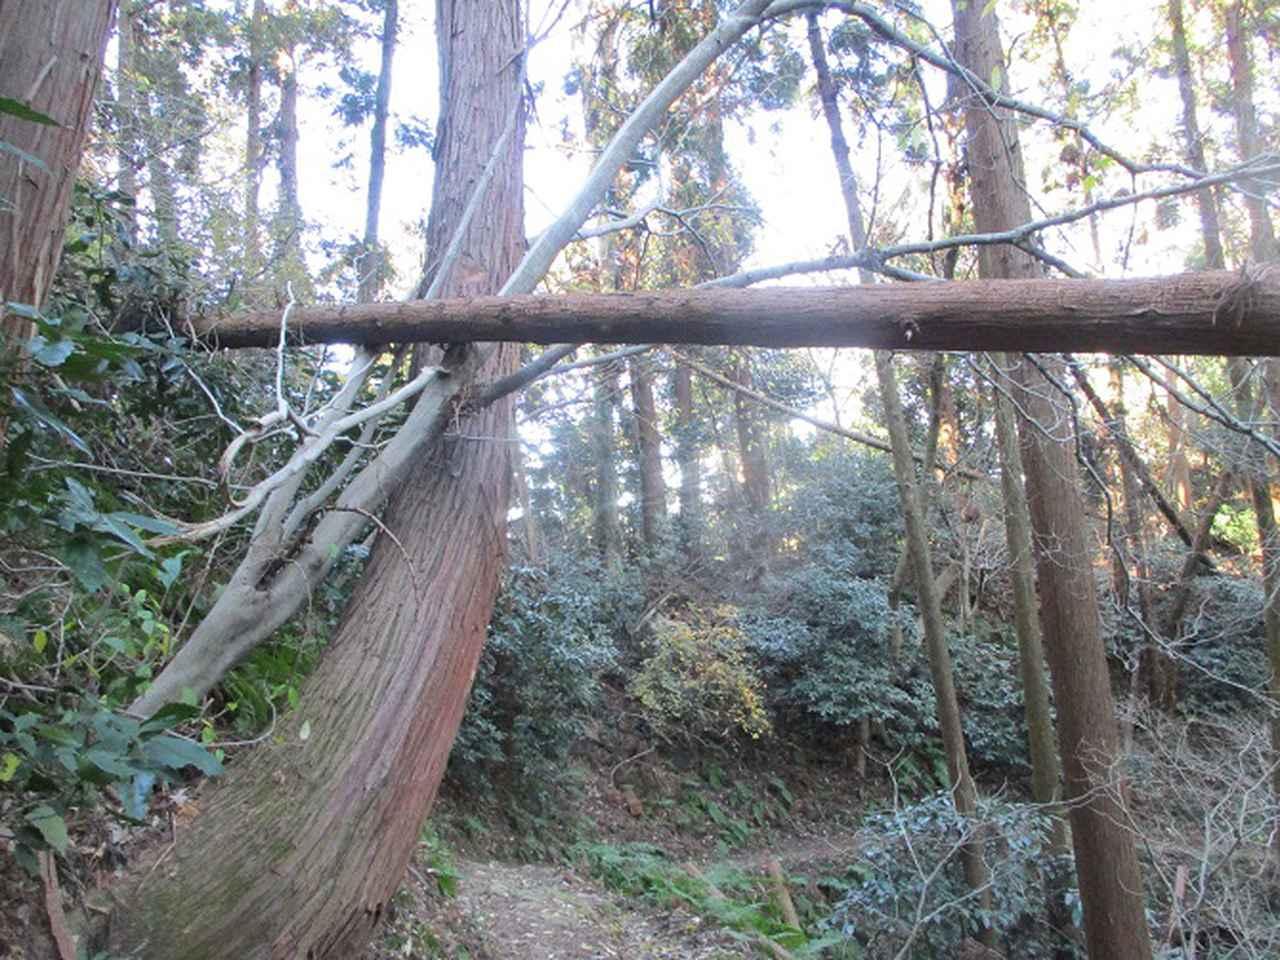 画像13: 1月の山旅会現地集合ツアー 「阿部倉山から二子山」 ツアーの下見に行ってきました!